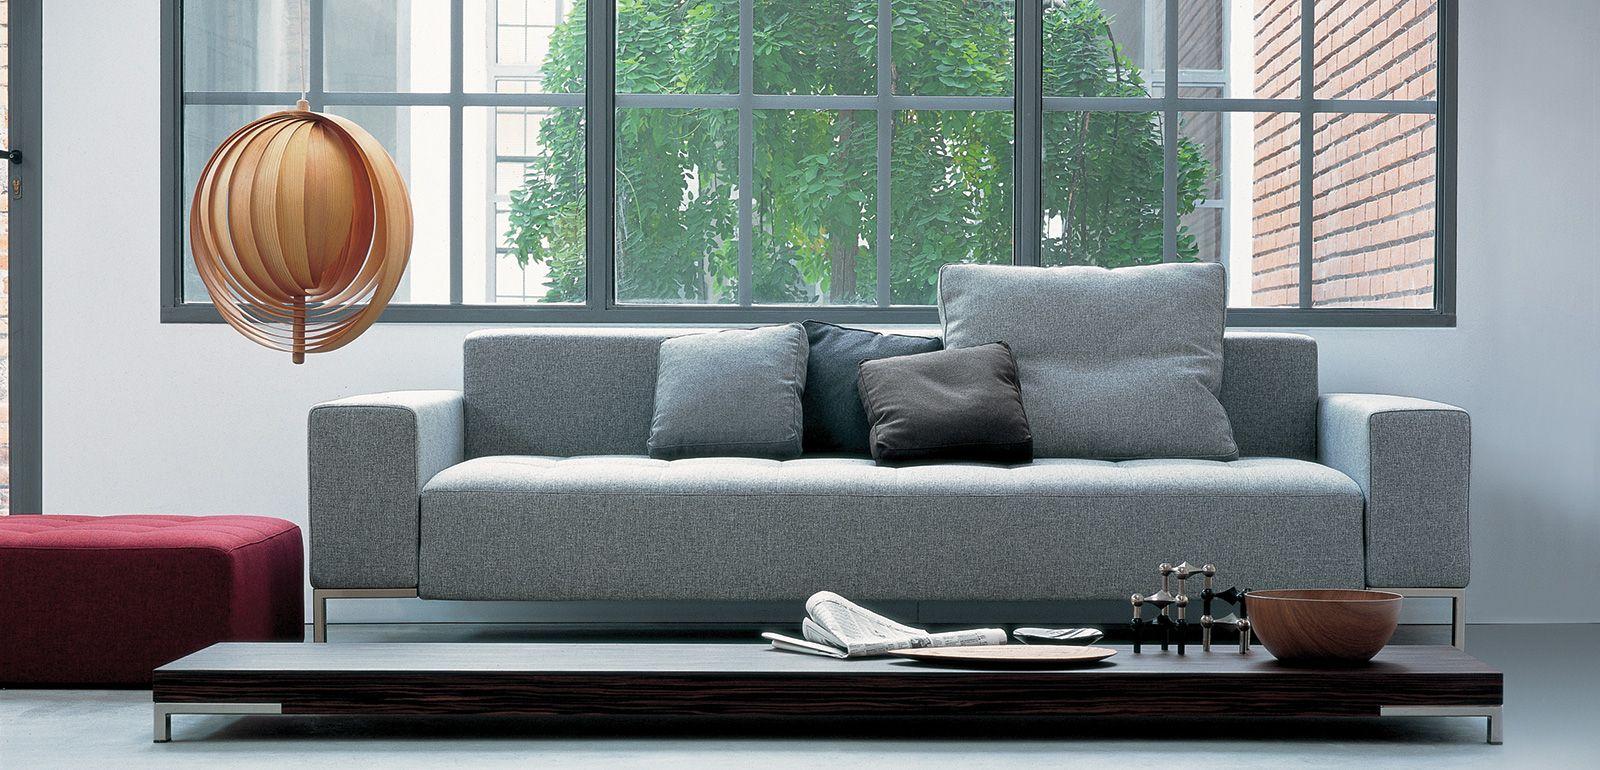 Mobilier design meuble design paris lyon france silvera for Meubles design paris